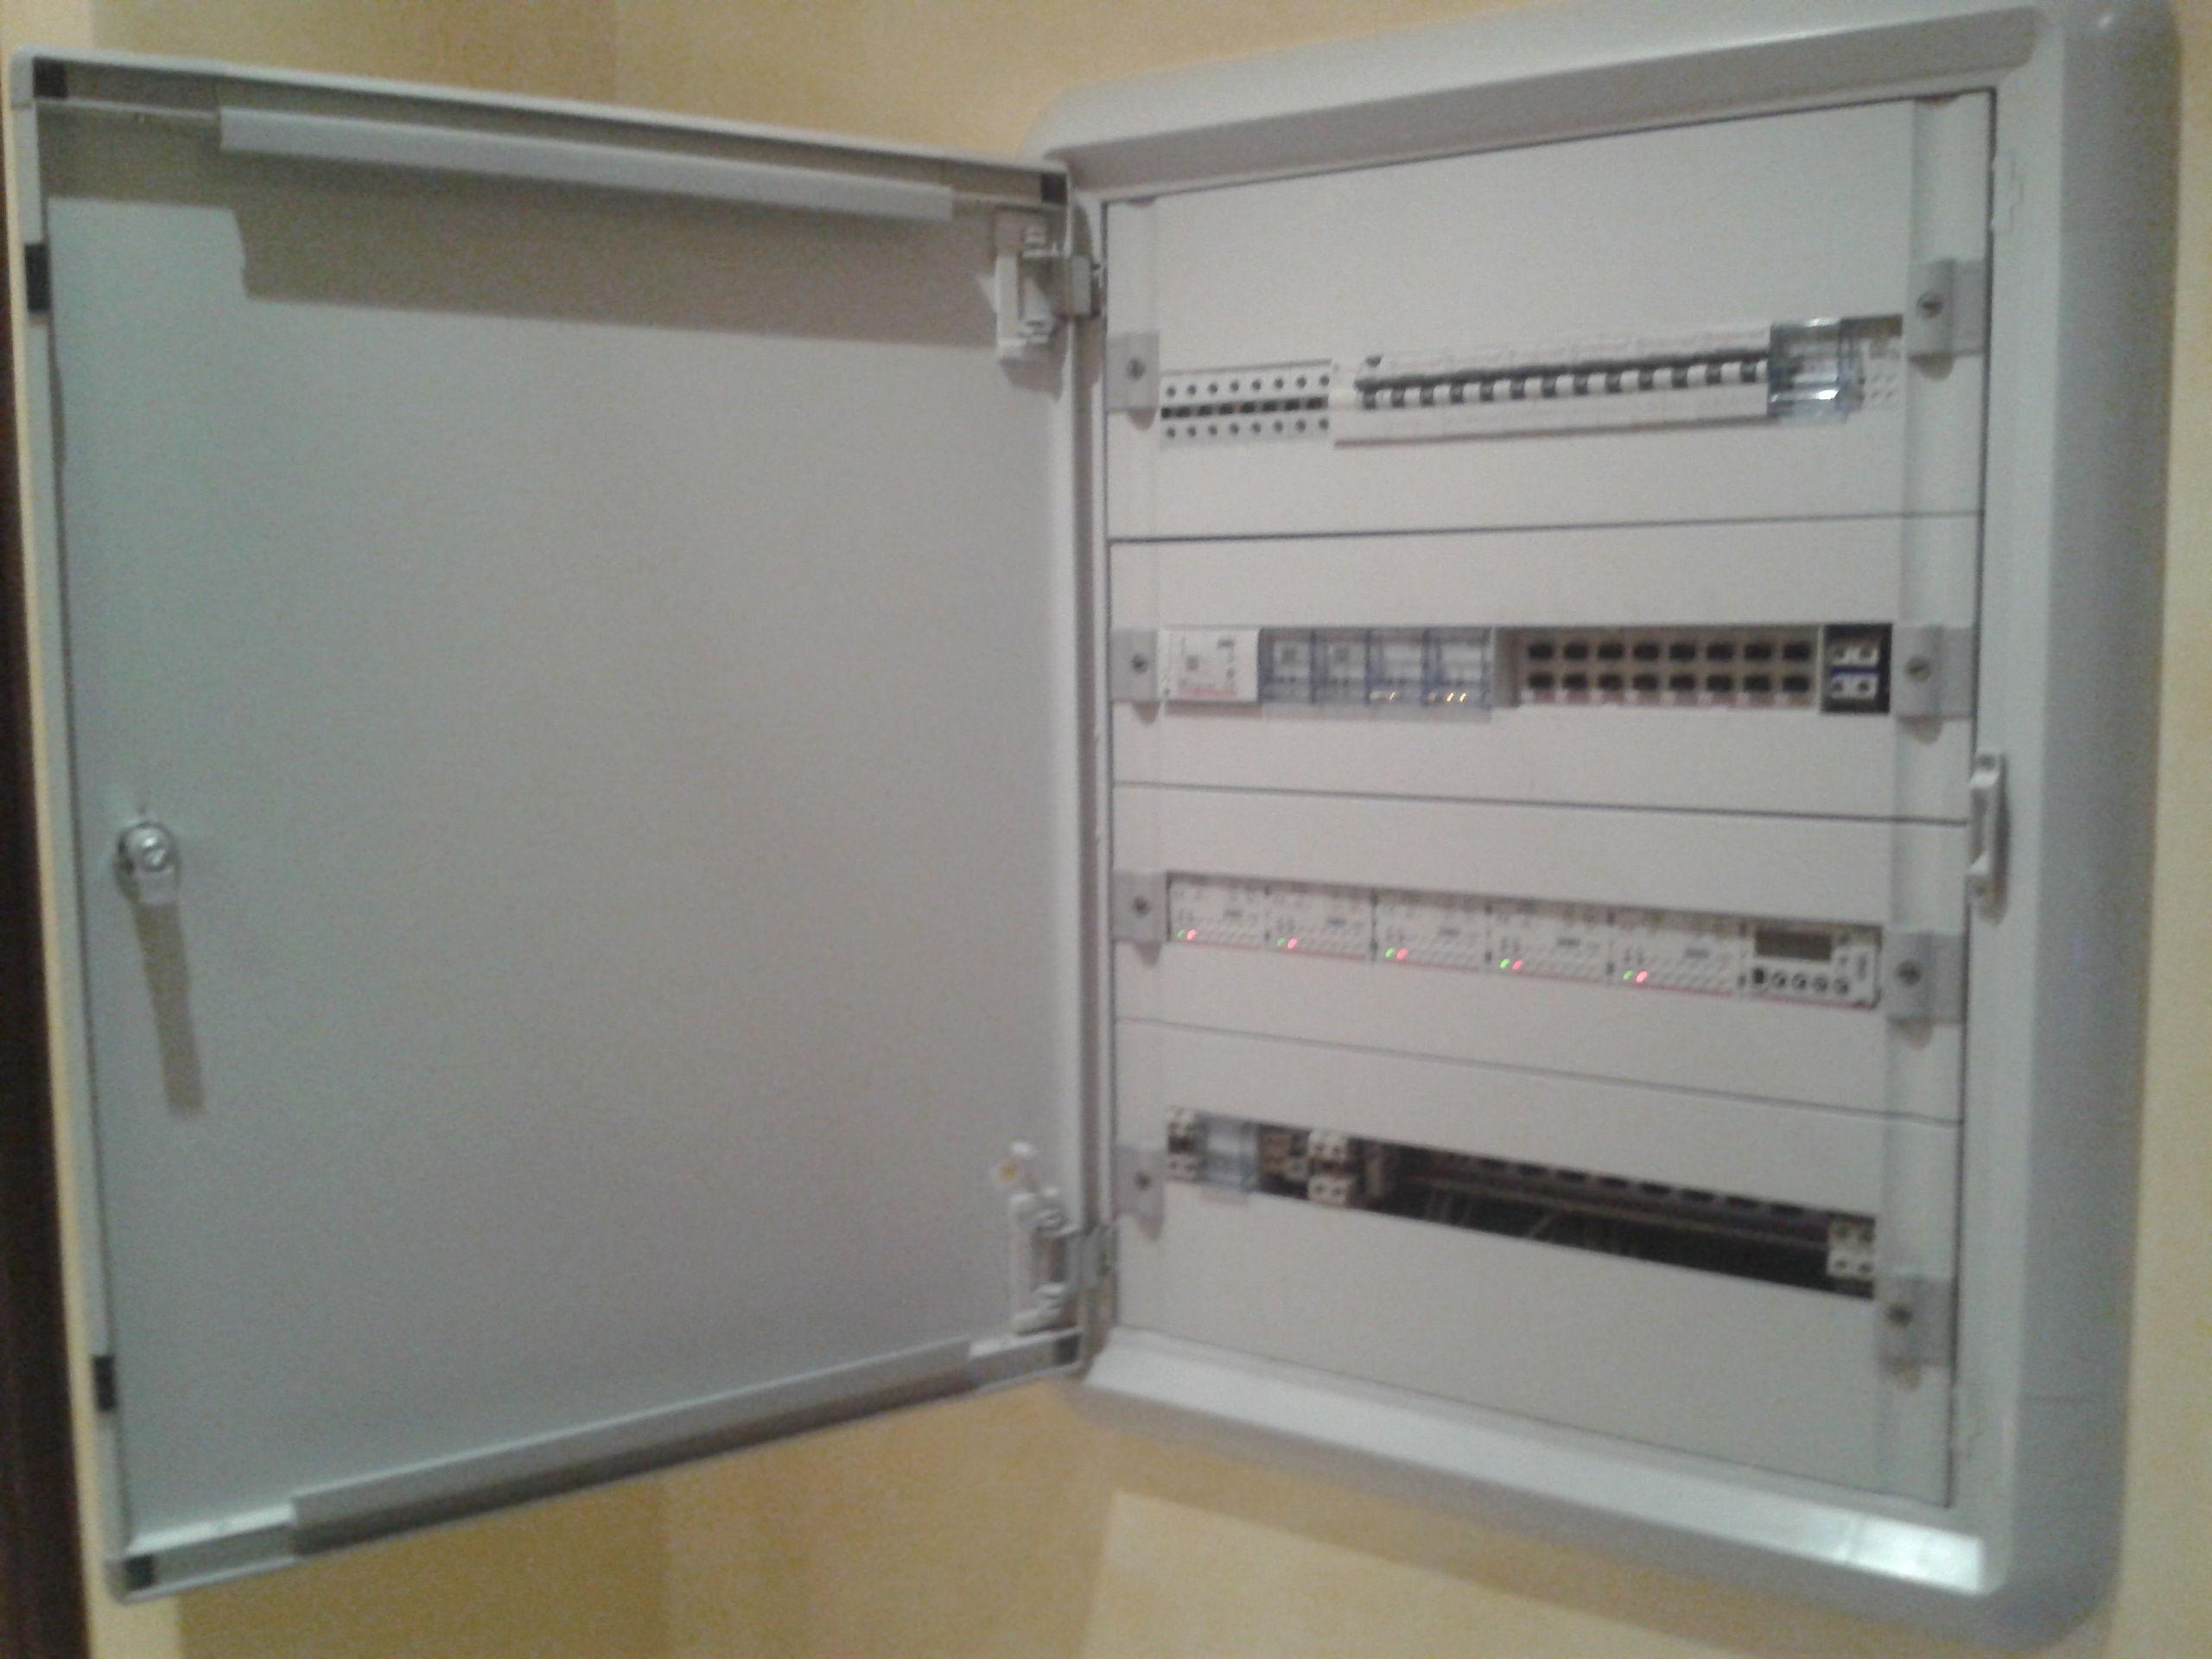 Cuadro eléctrico de vivienda domotica BTICINO